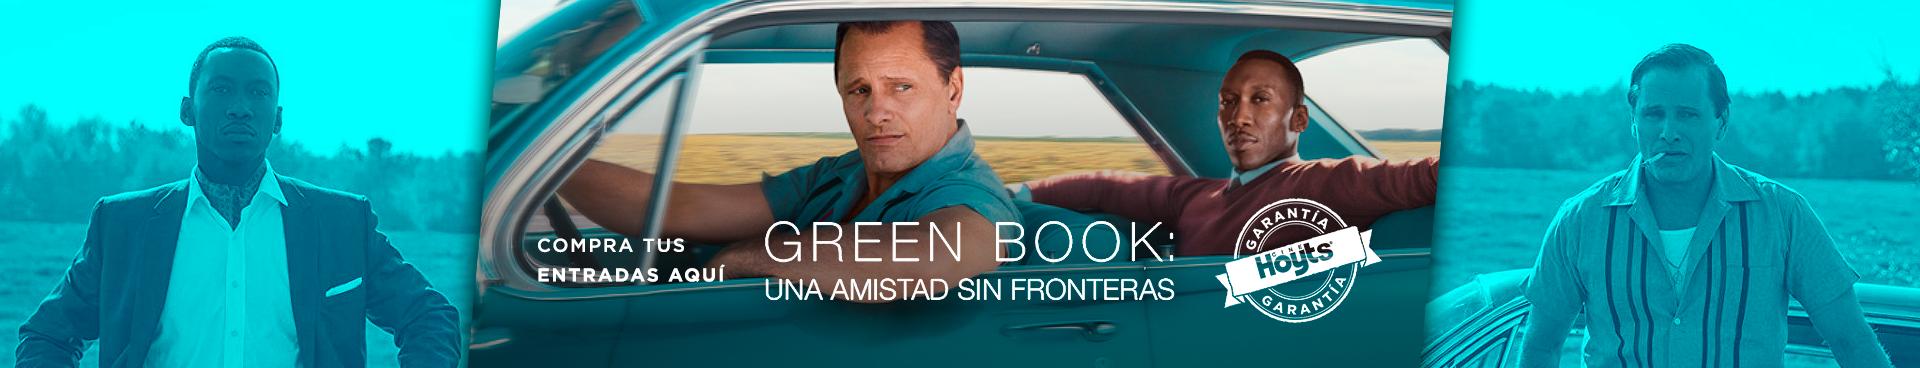 GREEN BOOK - GARANTÍA CINEHOYTS, COMPRA TUS ENTRADAS AQUÍ